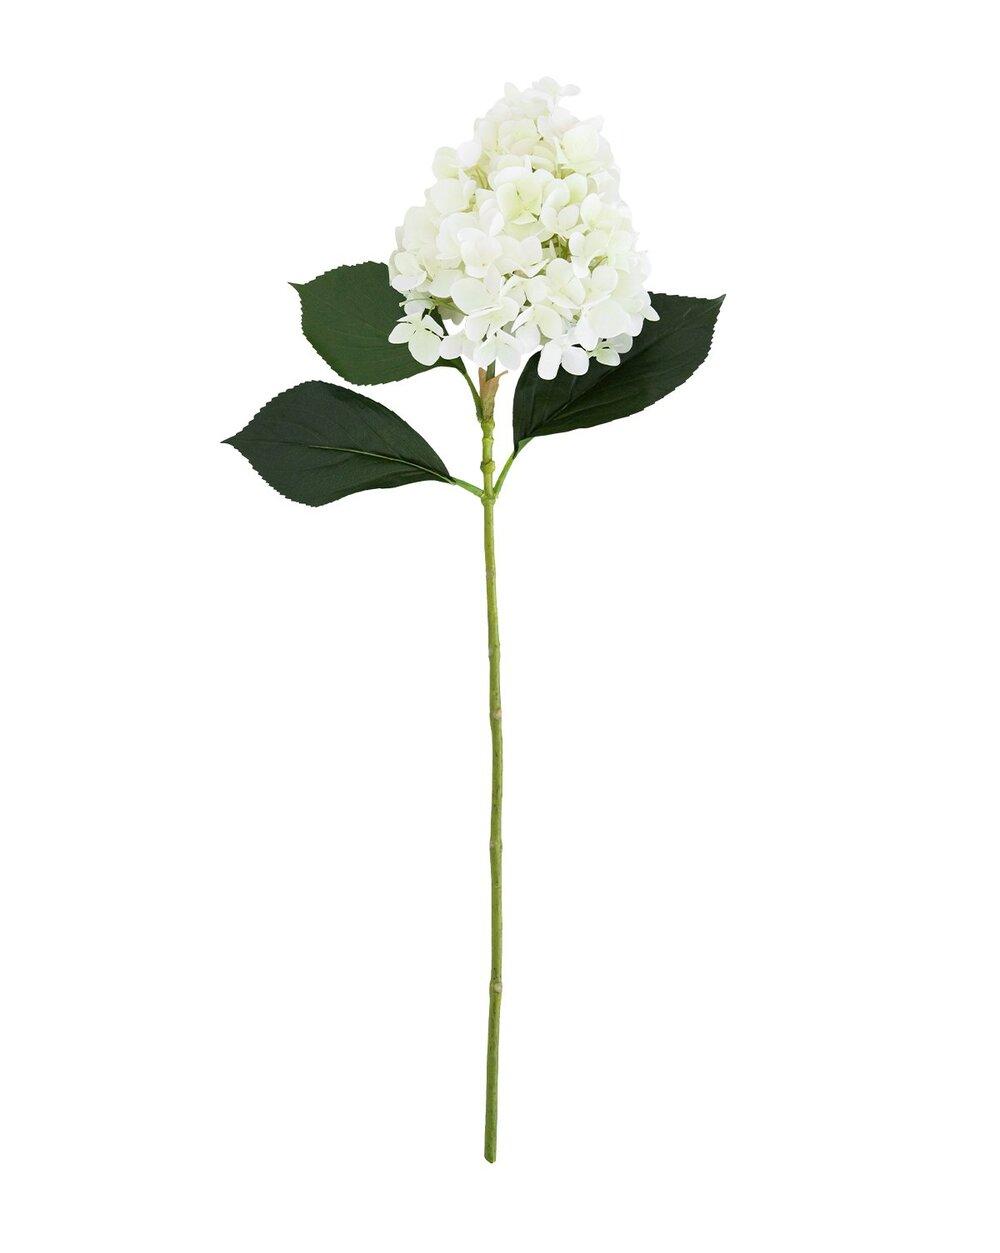 Faux_Ivory_Hydrangea_Flower_Stem01.jpg